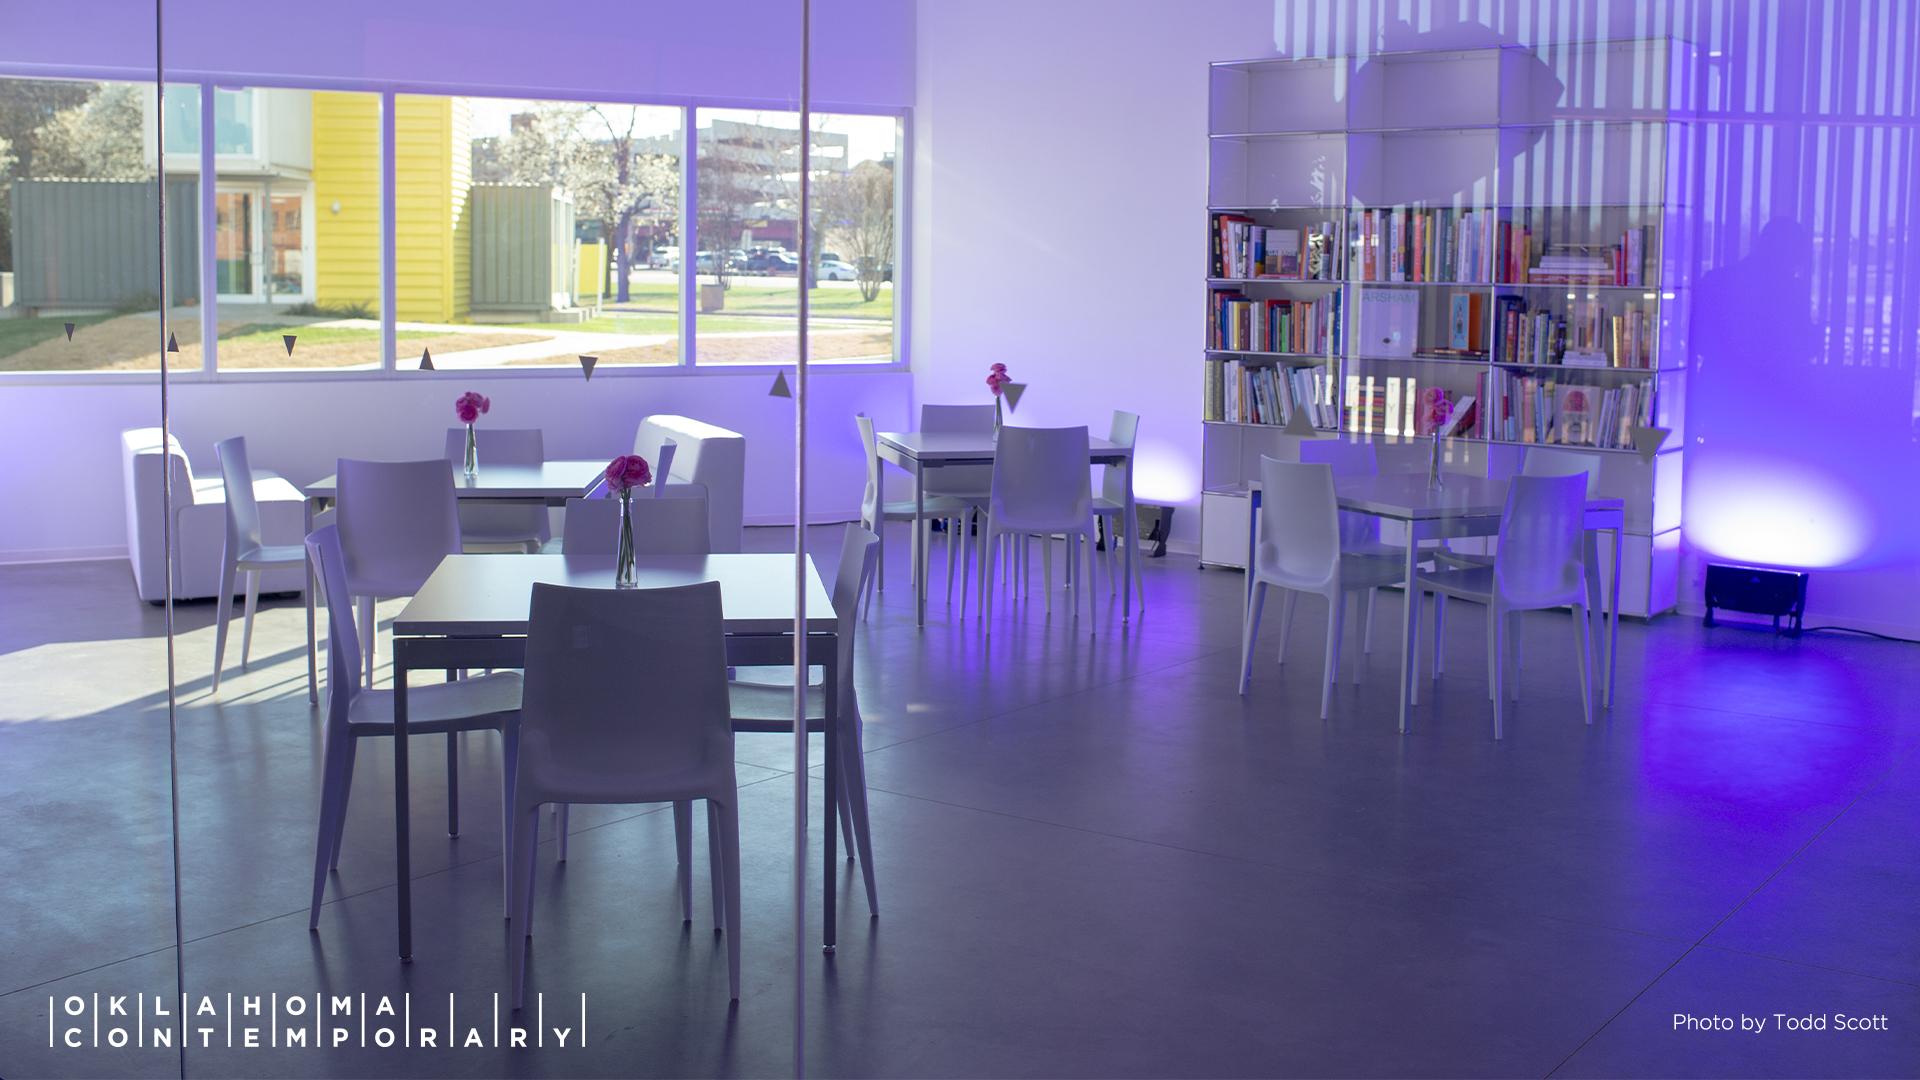 Okcontemp creative lounge